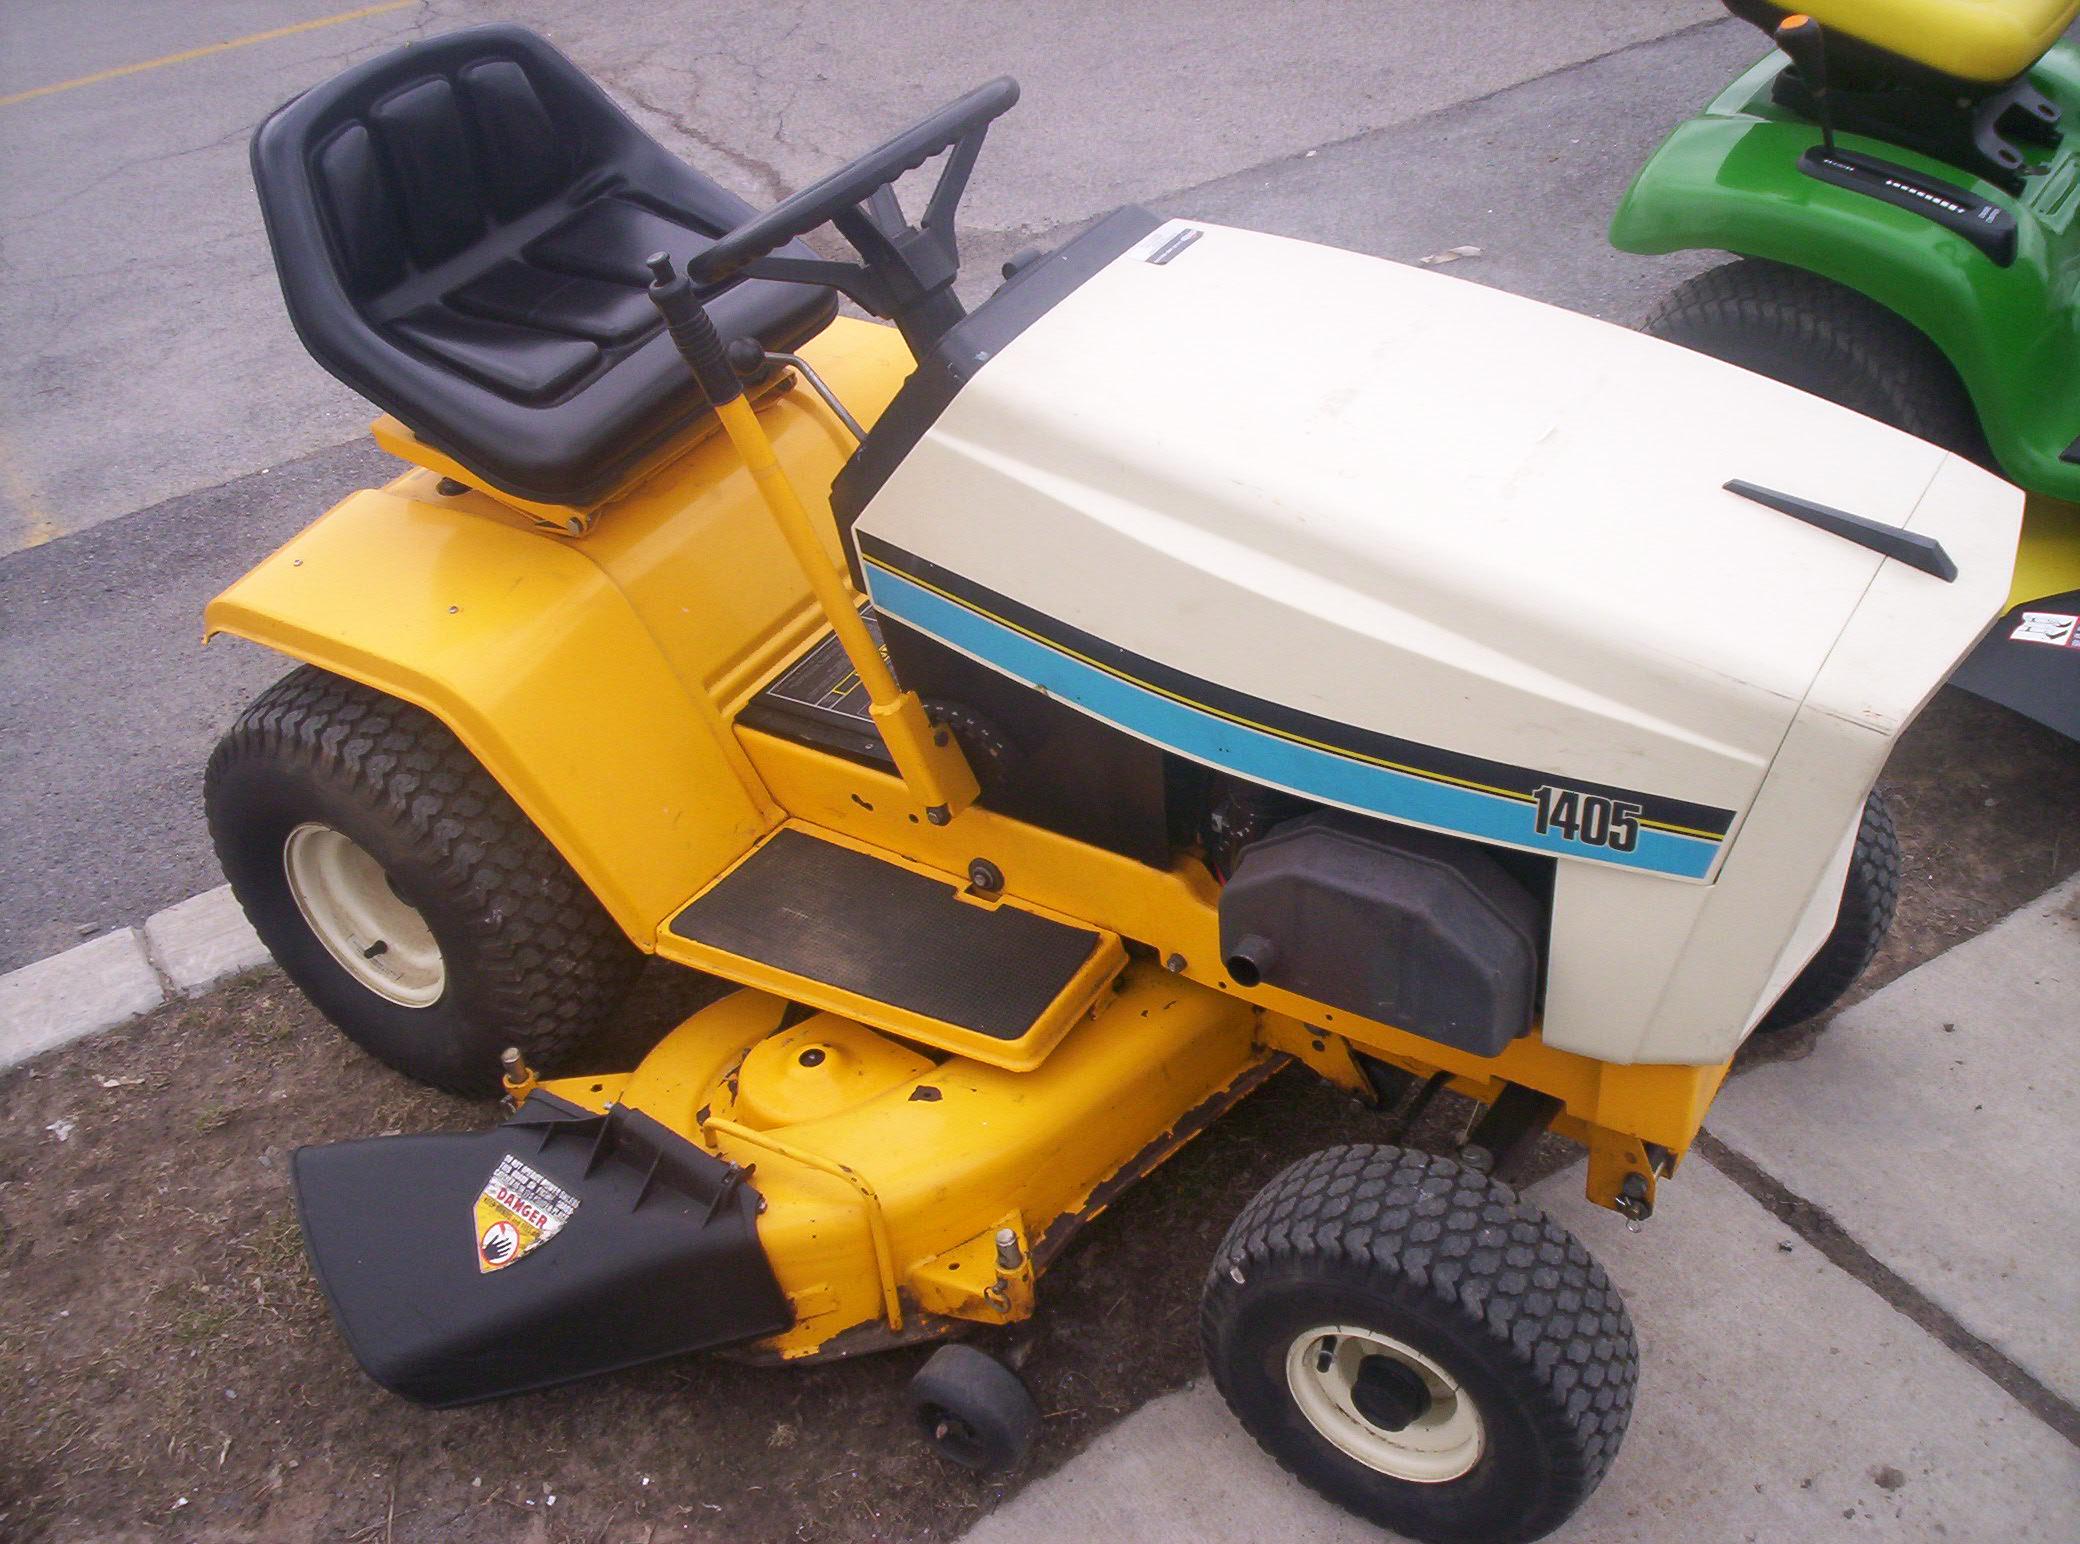 Cub Cadet 1405 Lawn Tractor Tractors. Used Cub Cadet 1405. Wiring. Cub Cadet Mower Model 1415 Wiring Diagram At Scoala.co